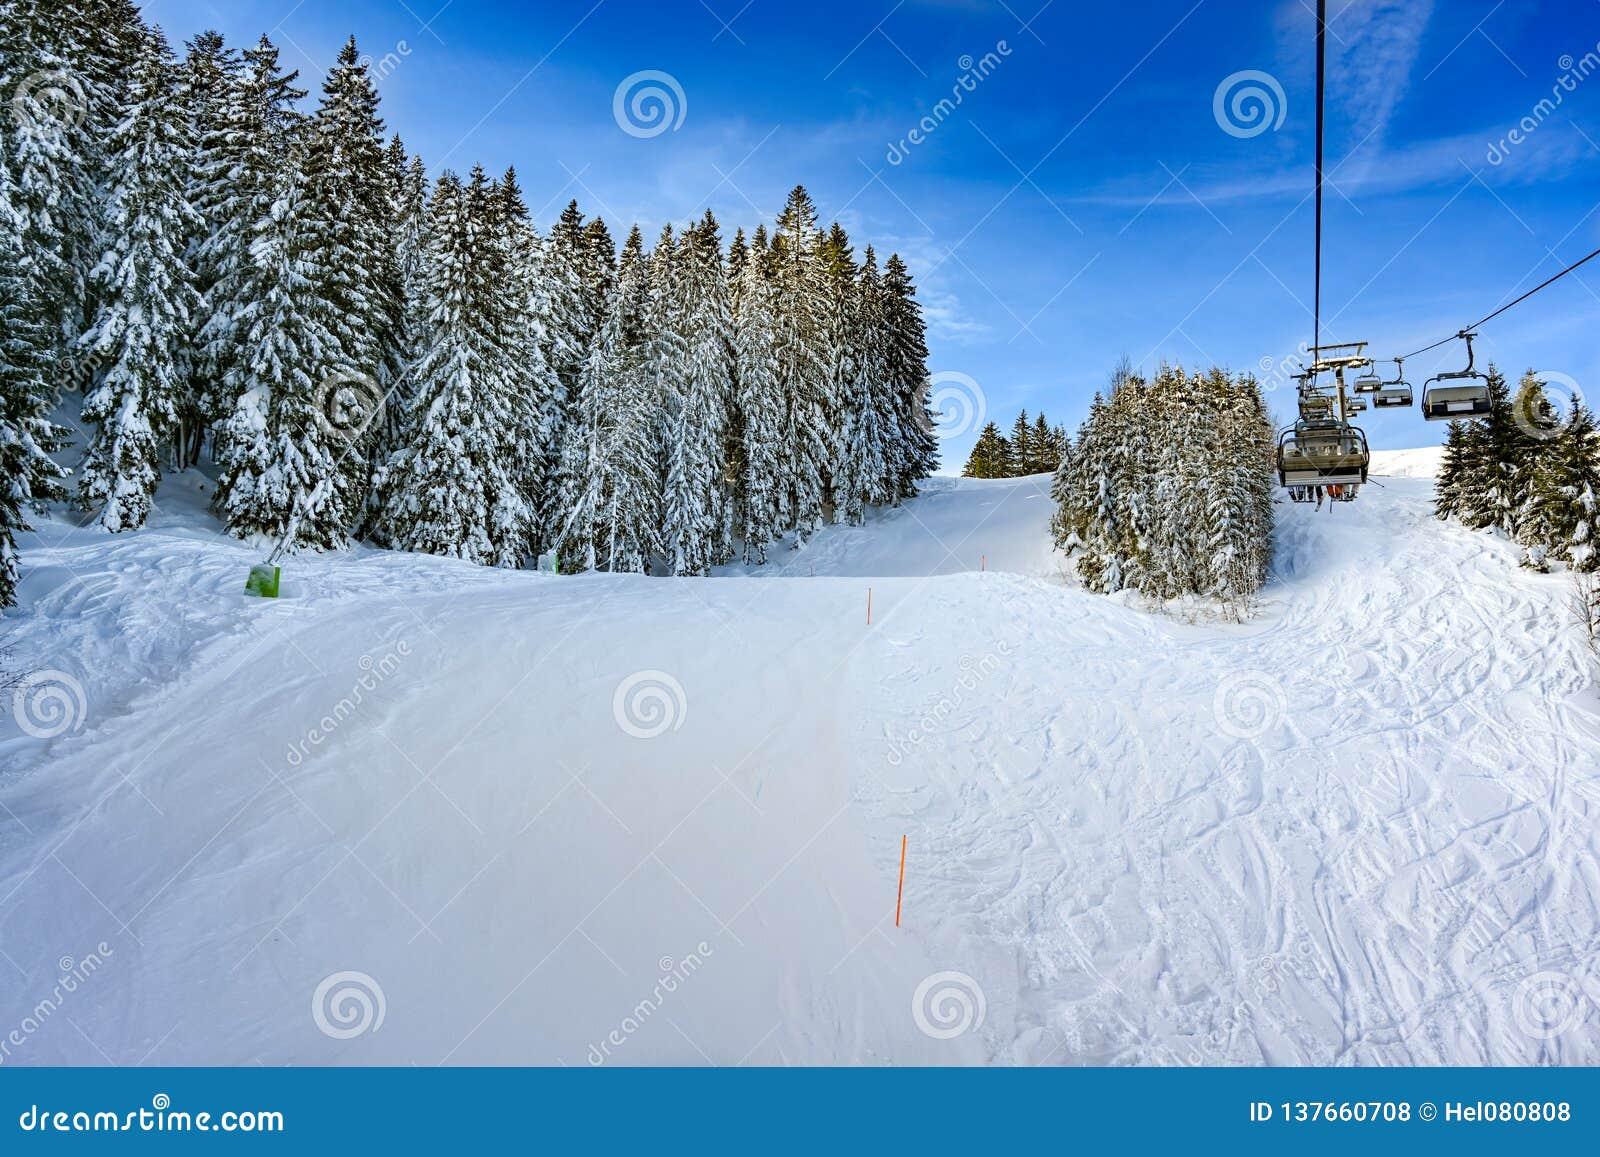 Przygotowany skłon z świeżym śniegiem na jodłach na pogodnym zima dniu, Niemcy